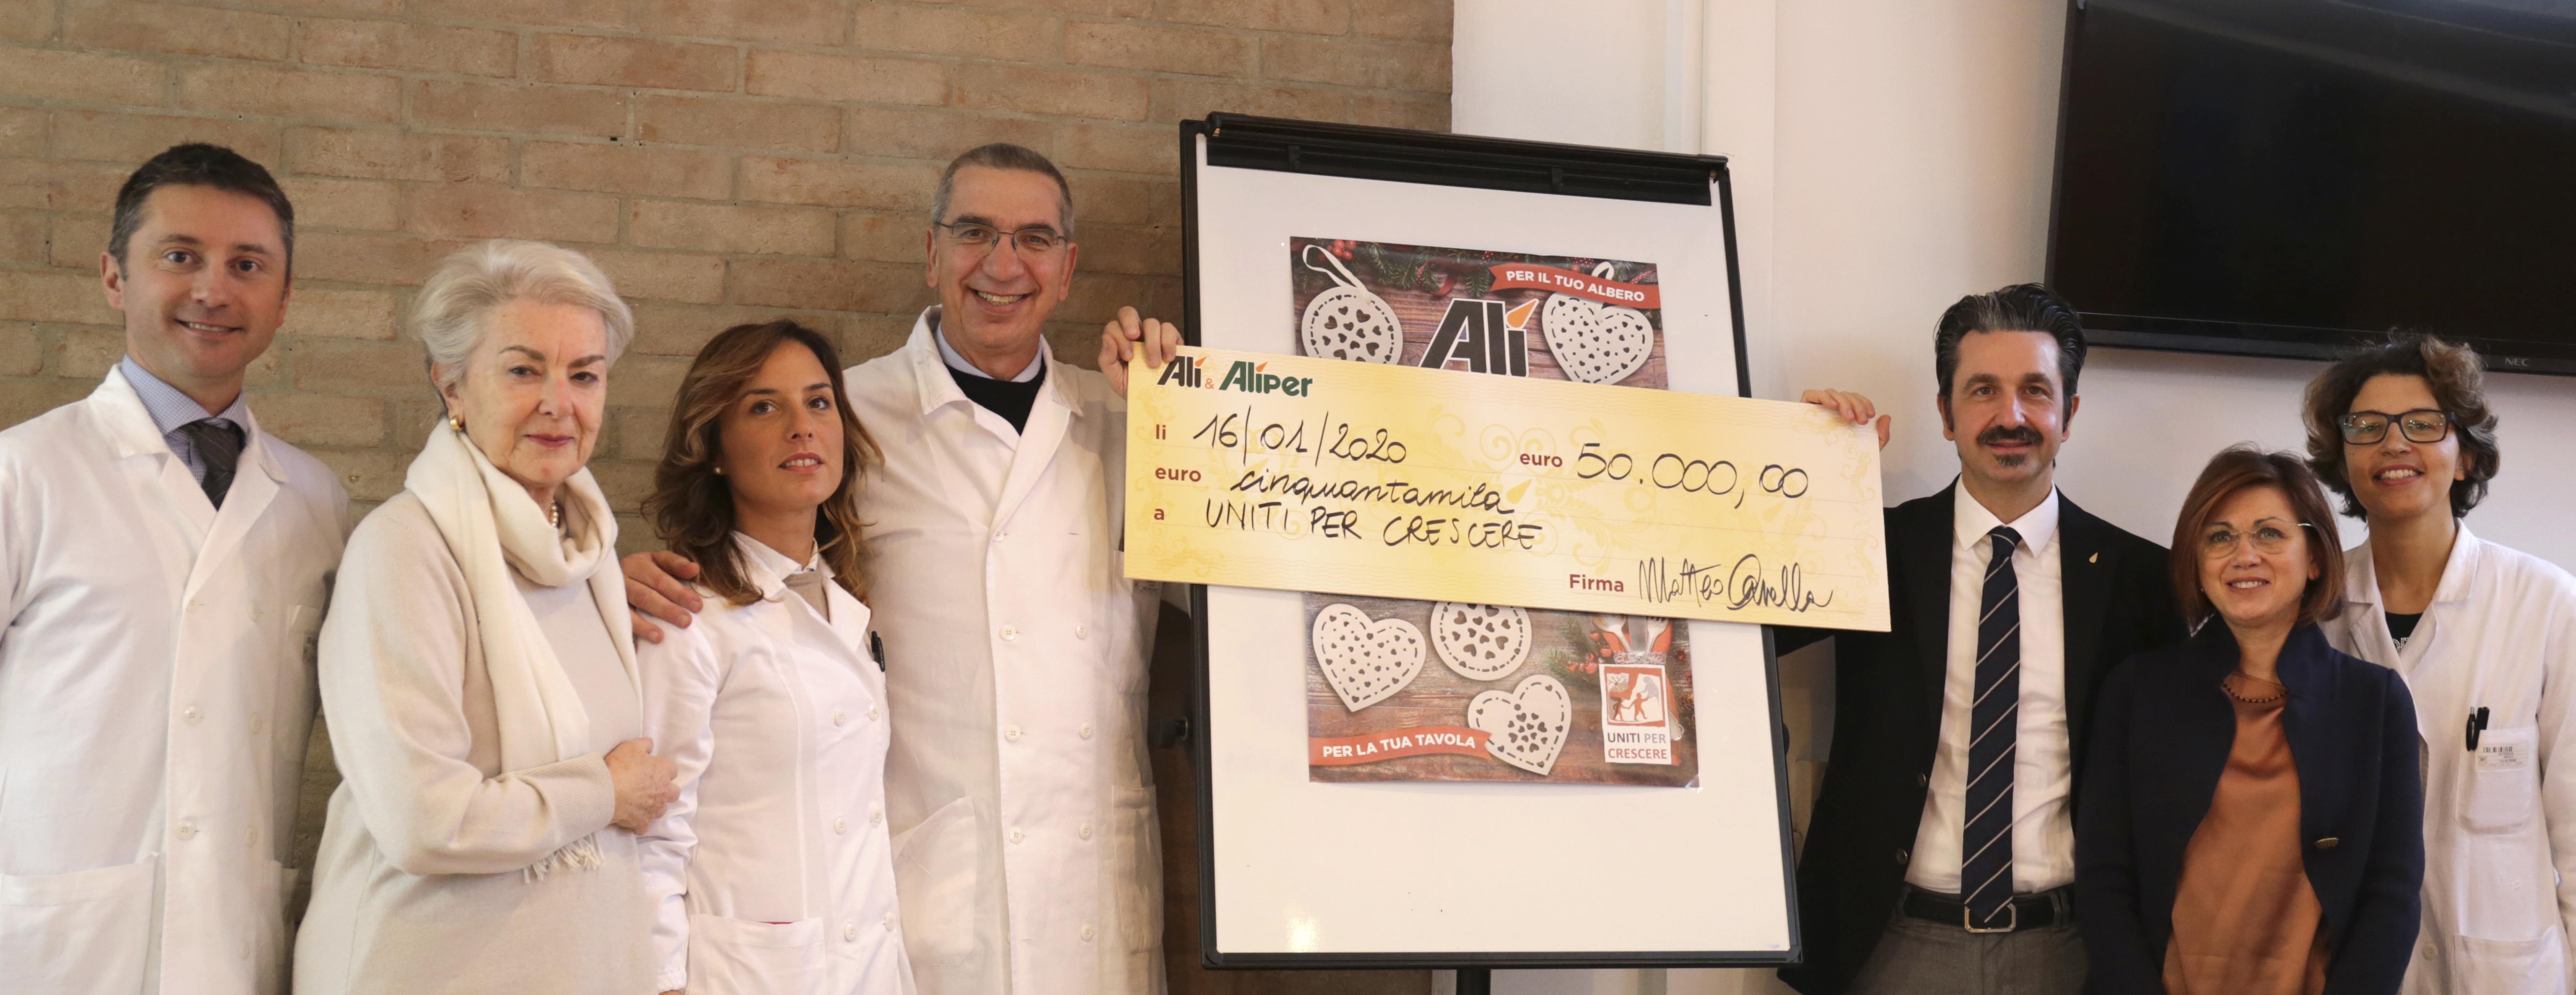 Alì consegna 50.000€ alla Neurologia Pediatrica dell'Ospedale di Padova